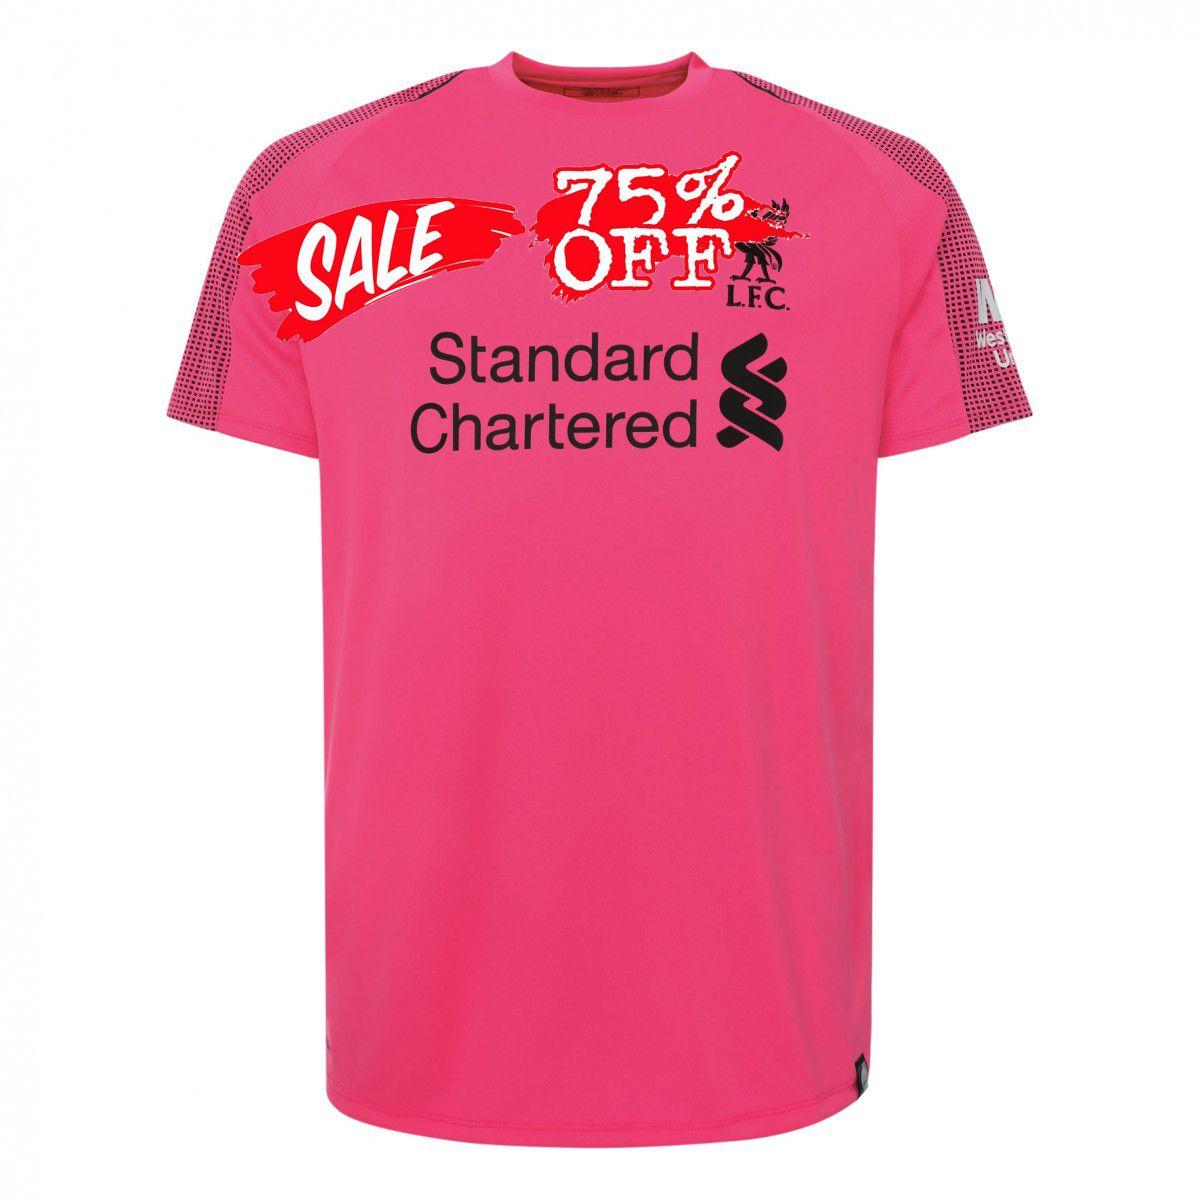 online retailer 2b261 37dd4 Liverpool 2018-19 Top Pink Goalkeeper Jersey | cheap ...